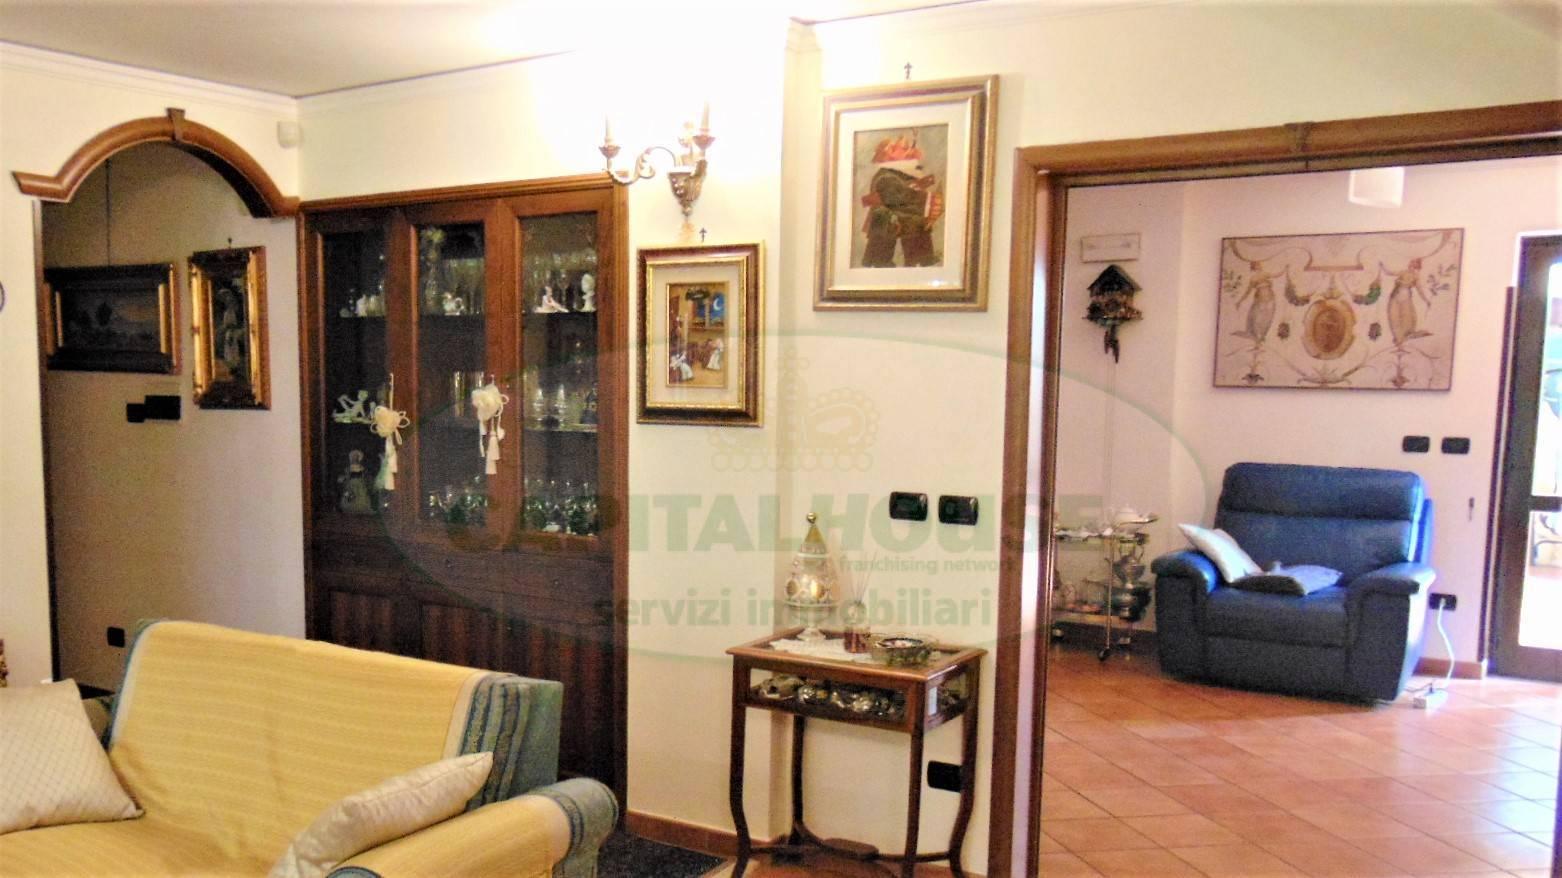 Appartamento in vendita a Sirignano, 6 locali, prezzo € 198.000 | PortaleAgenzieImmobiliari.it